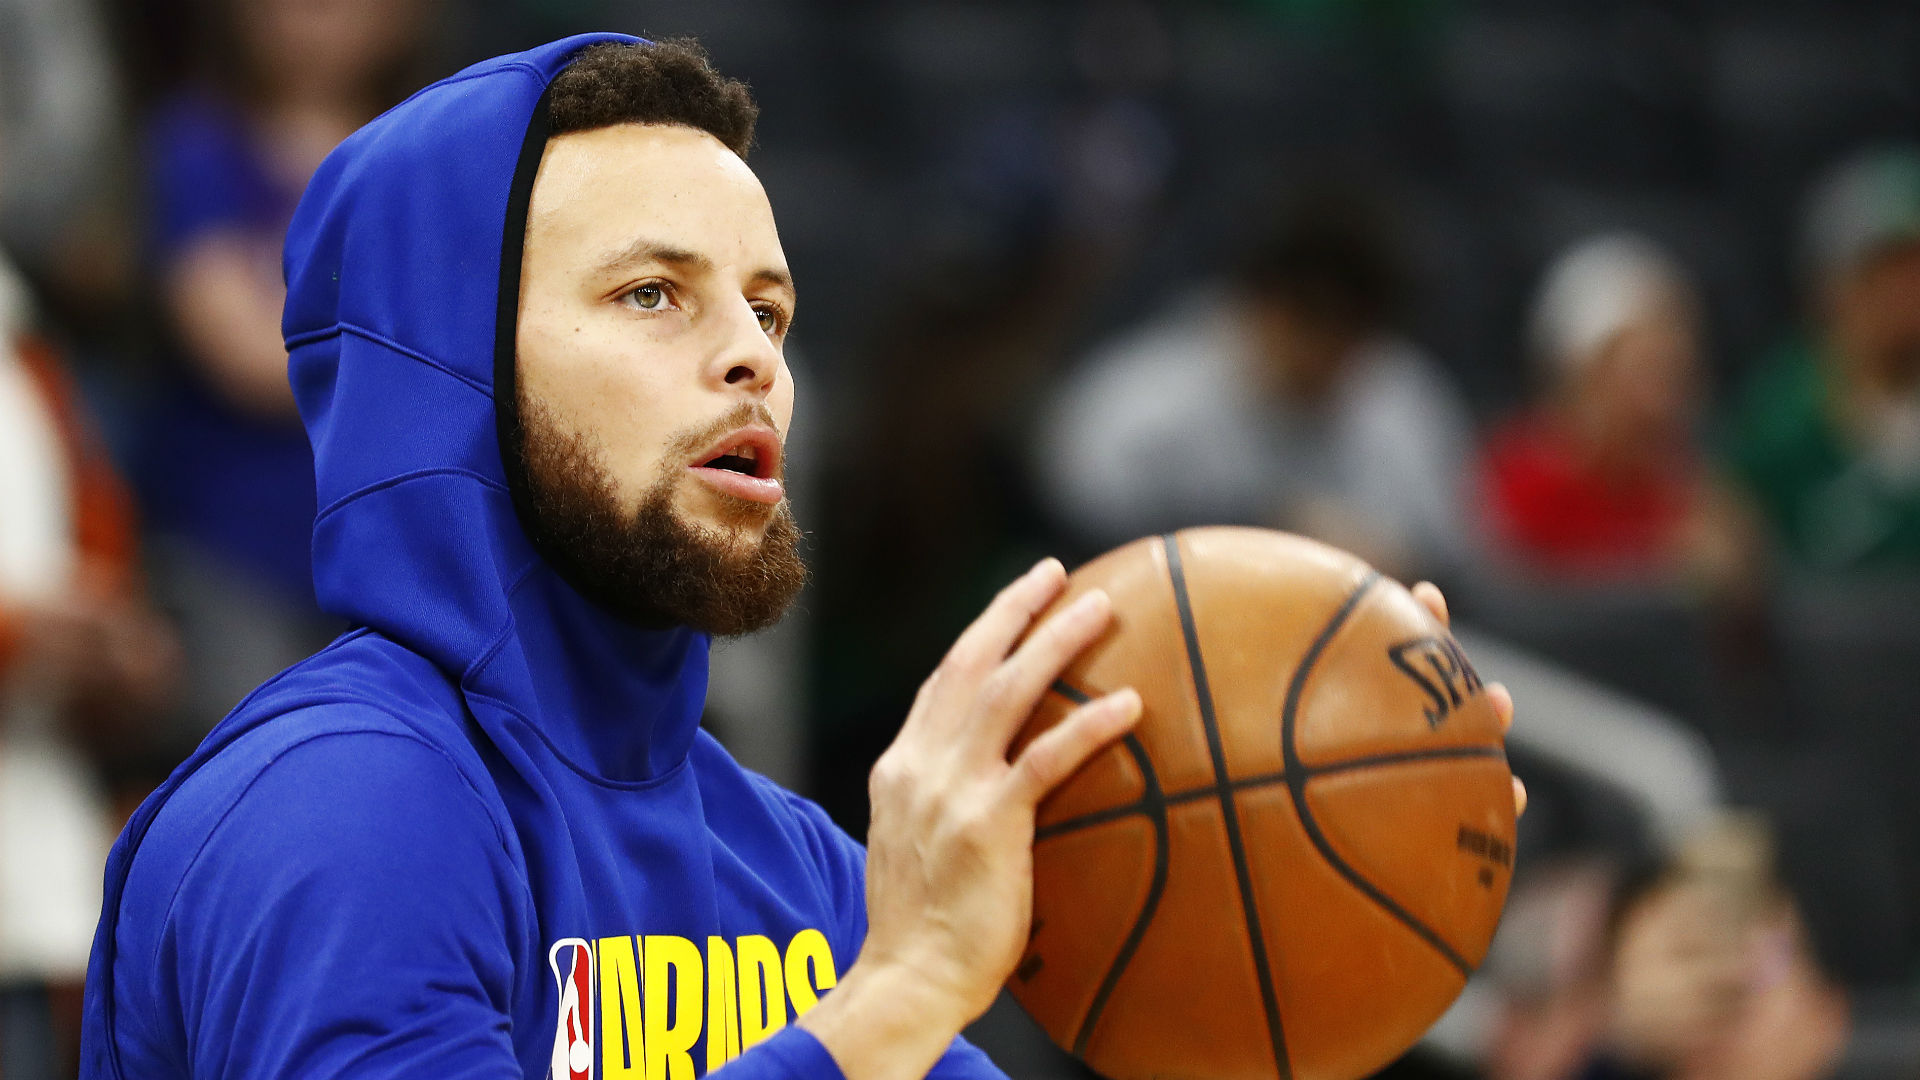 Tres razones por las que los Guerreros (y todos los demás) deberían apoyar el regreso de Stephen Curry 50